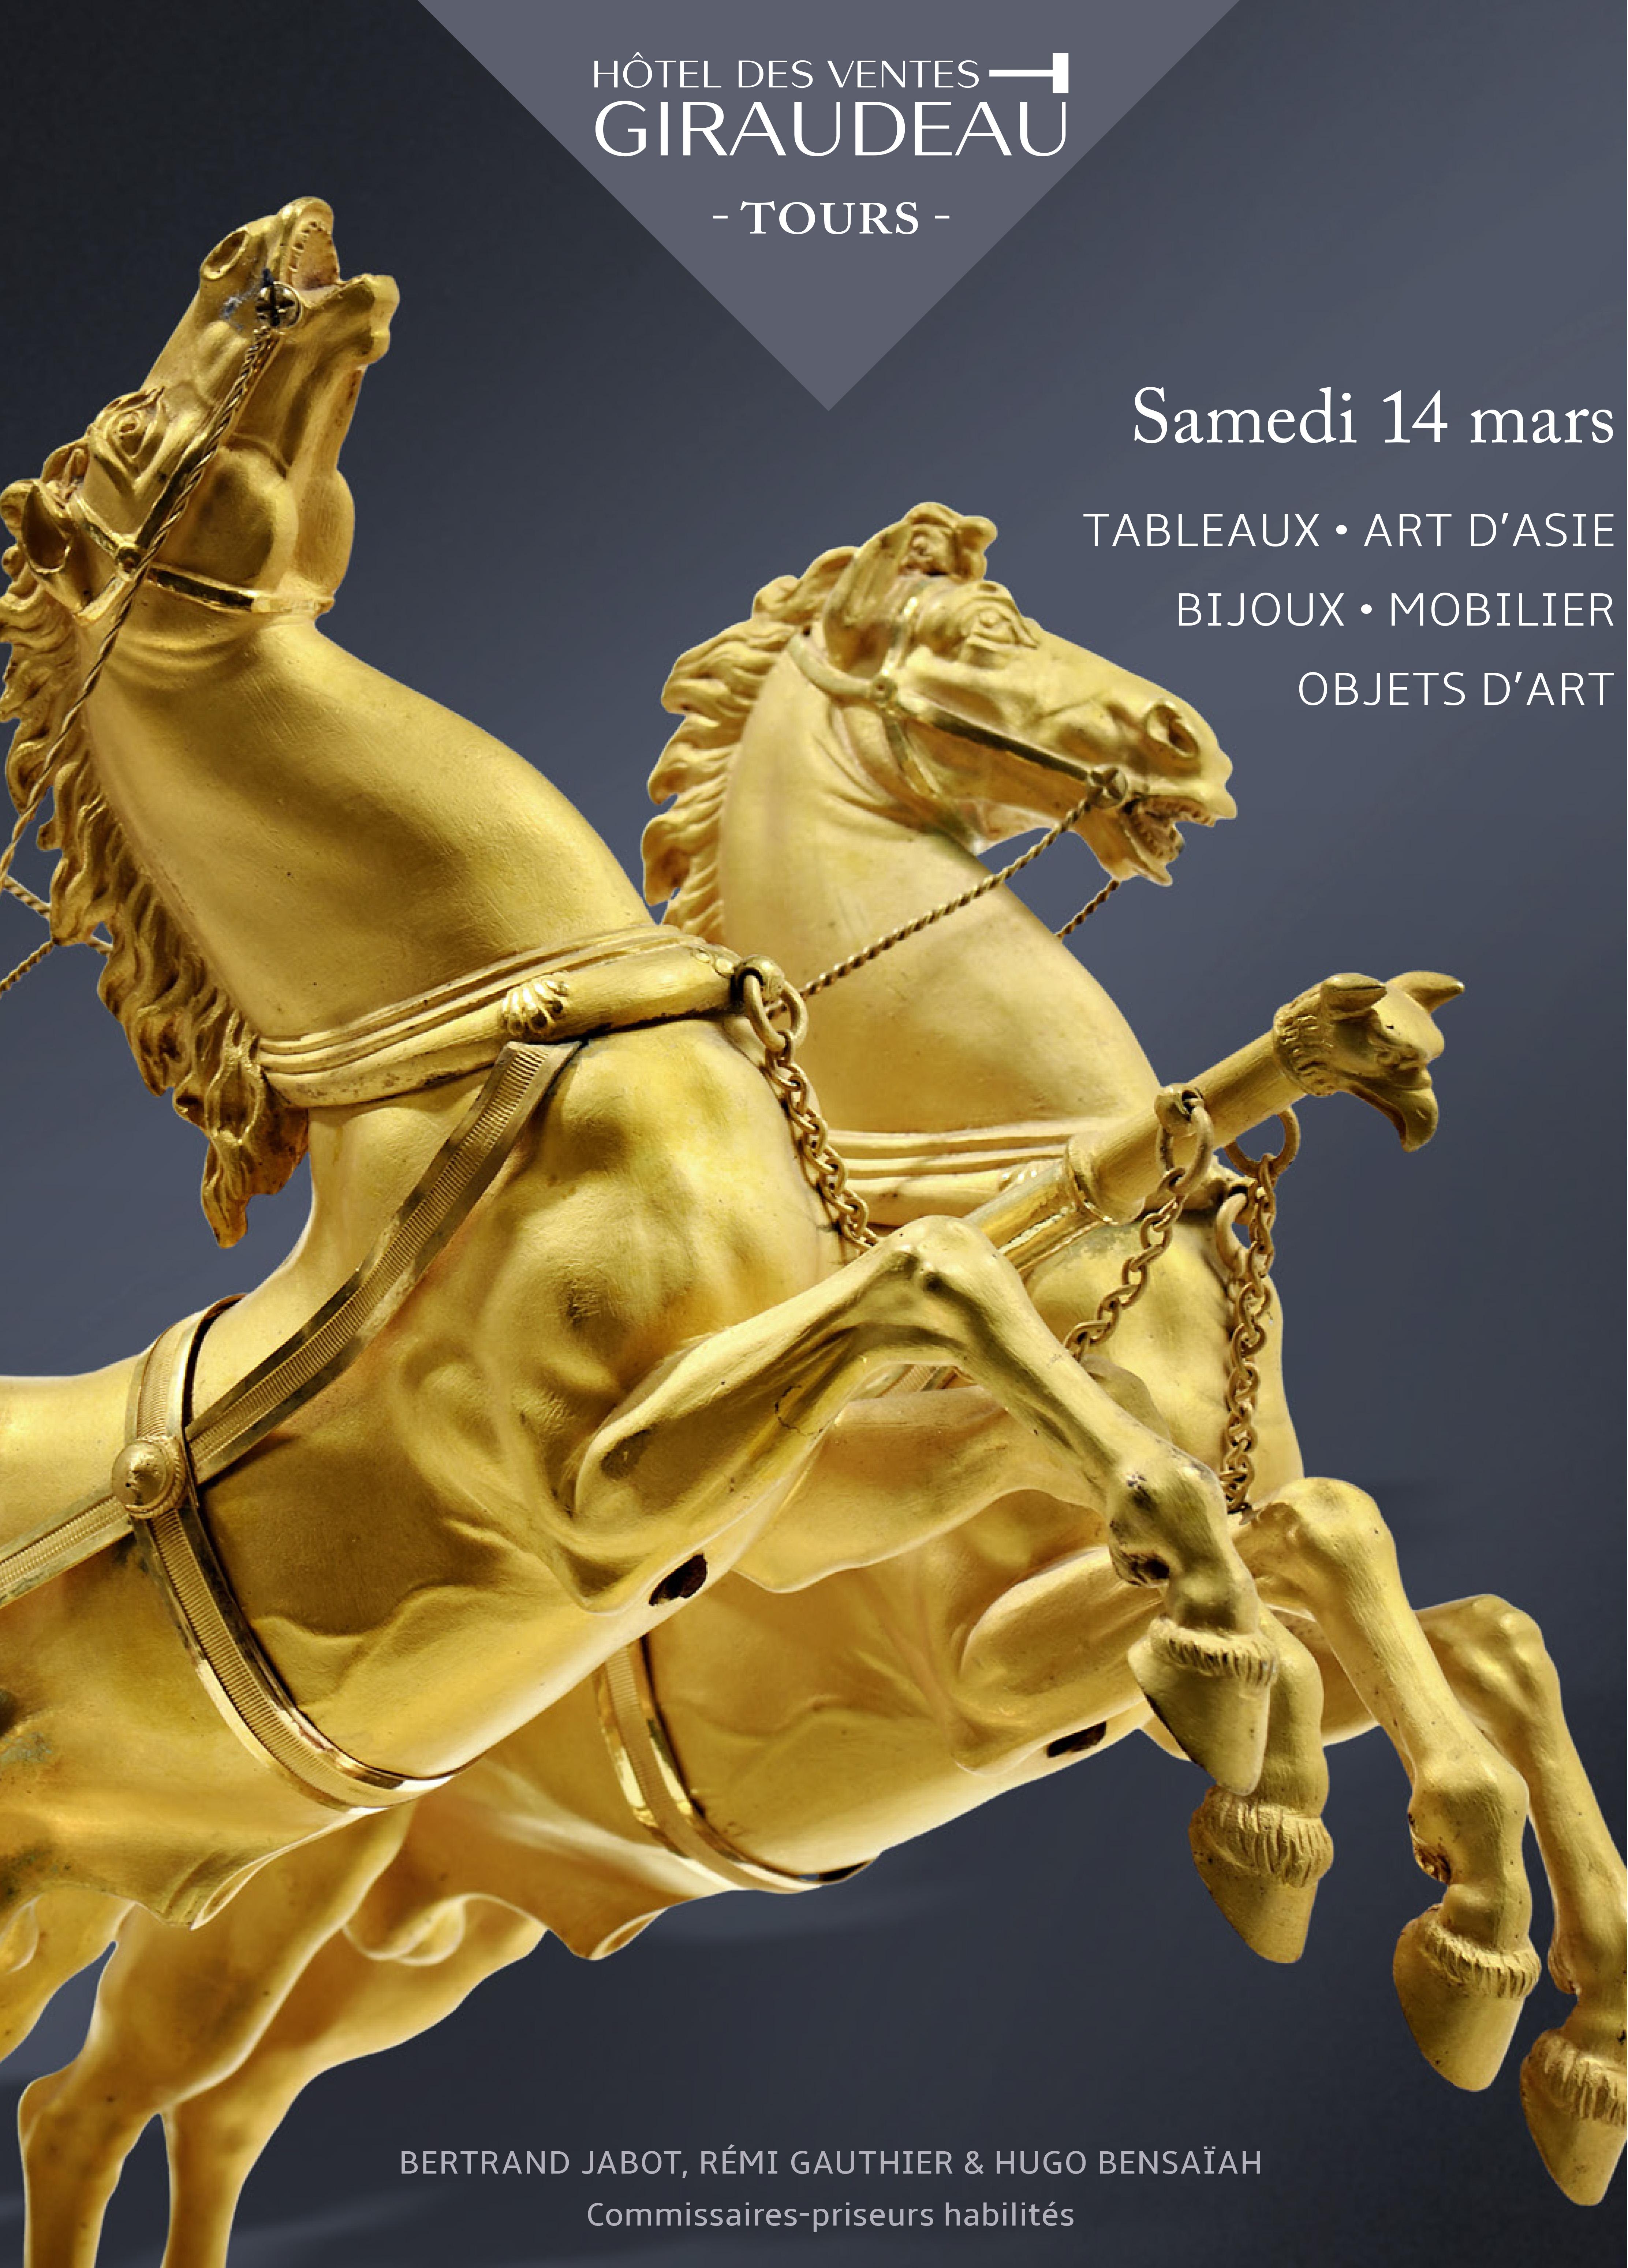 Vente Mobilier, Objets d'Art chez Hôtel des Ventes Giraudeau : 330 lots